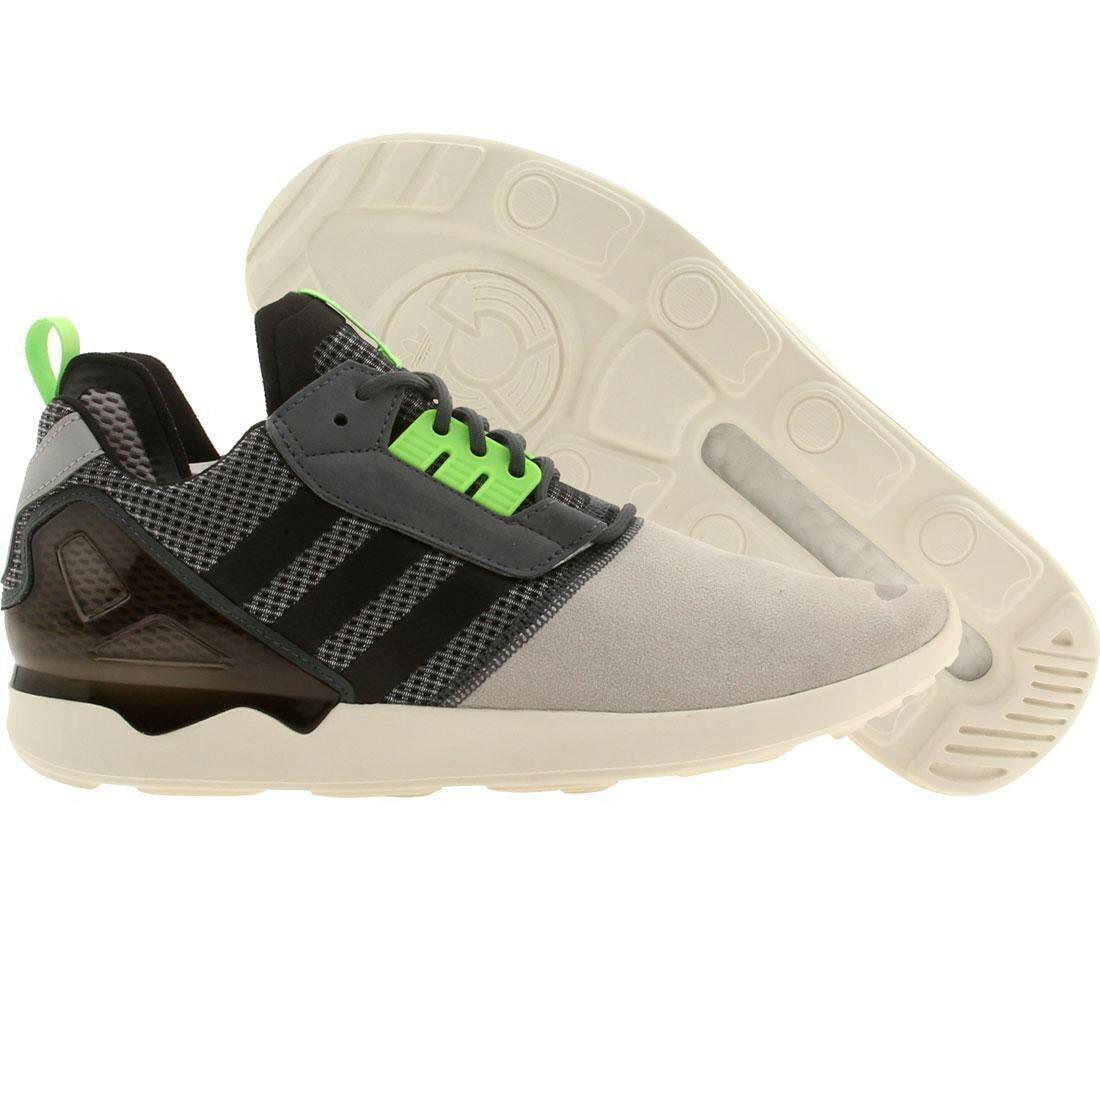 メンズ靴, スニーカー  ADIDAS MEN ZX 8000 BOOST GRAY BOONIX MGSOGR